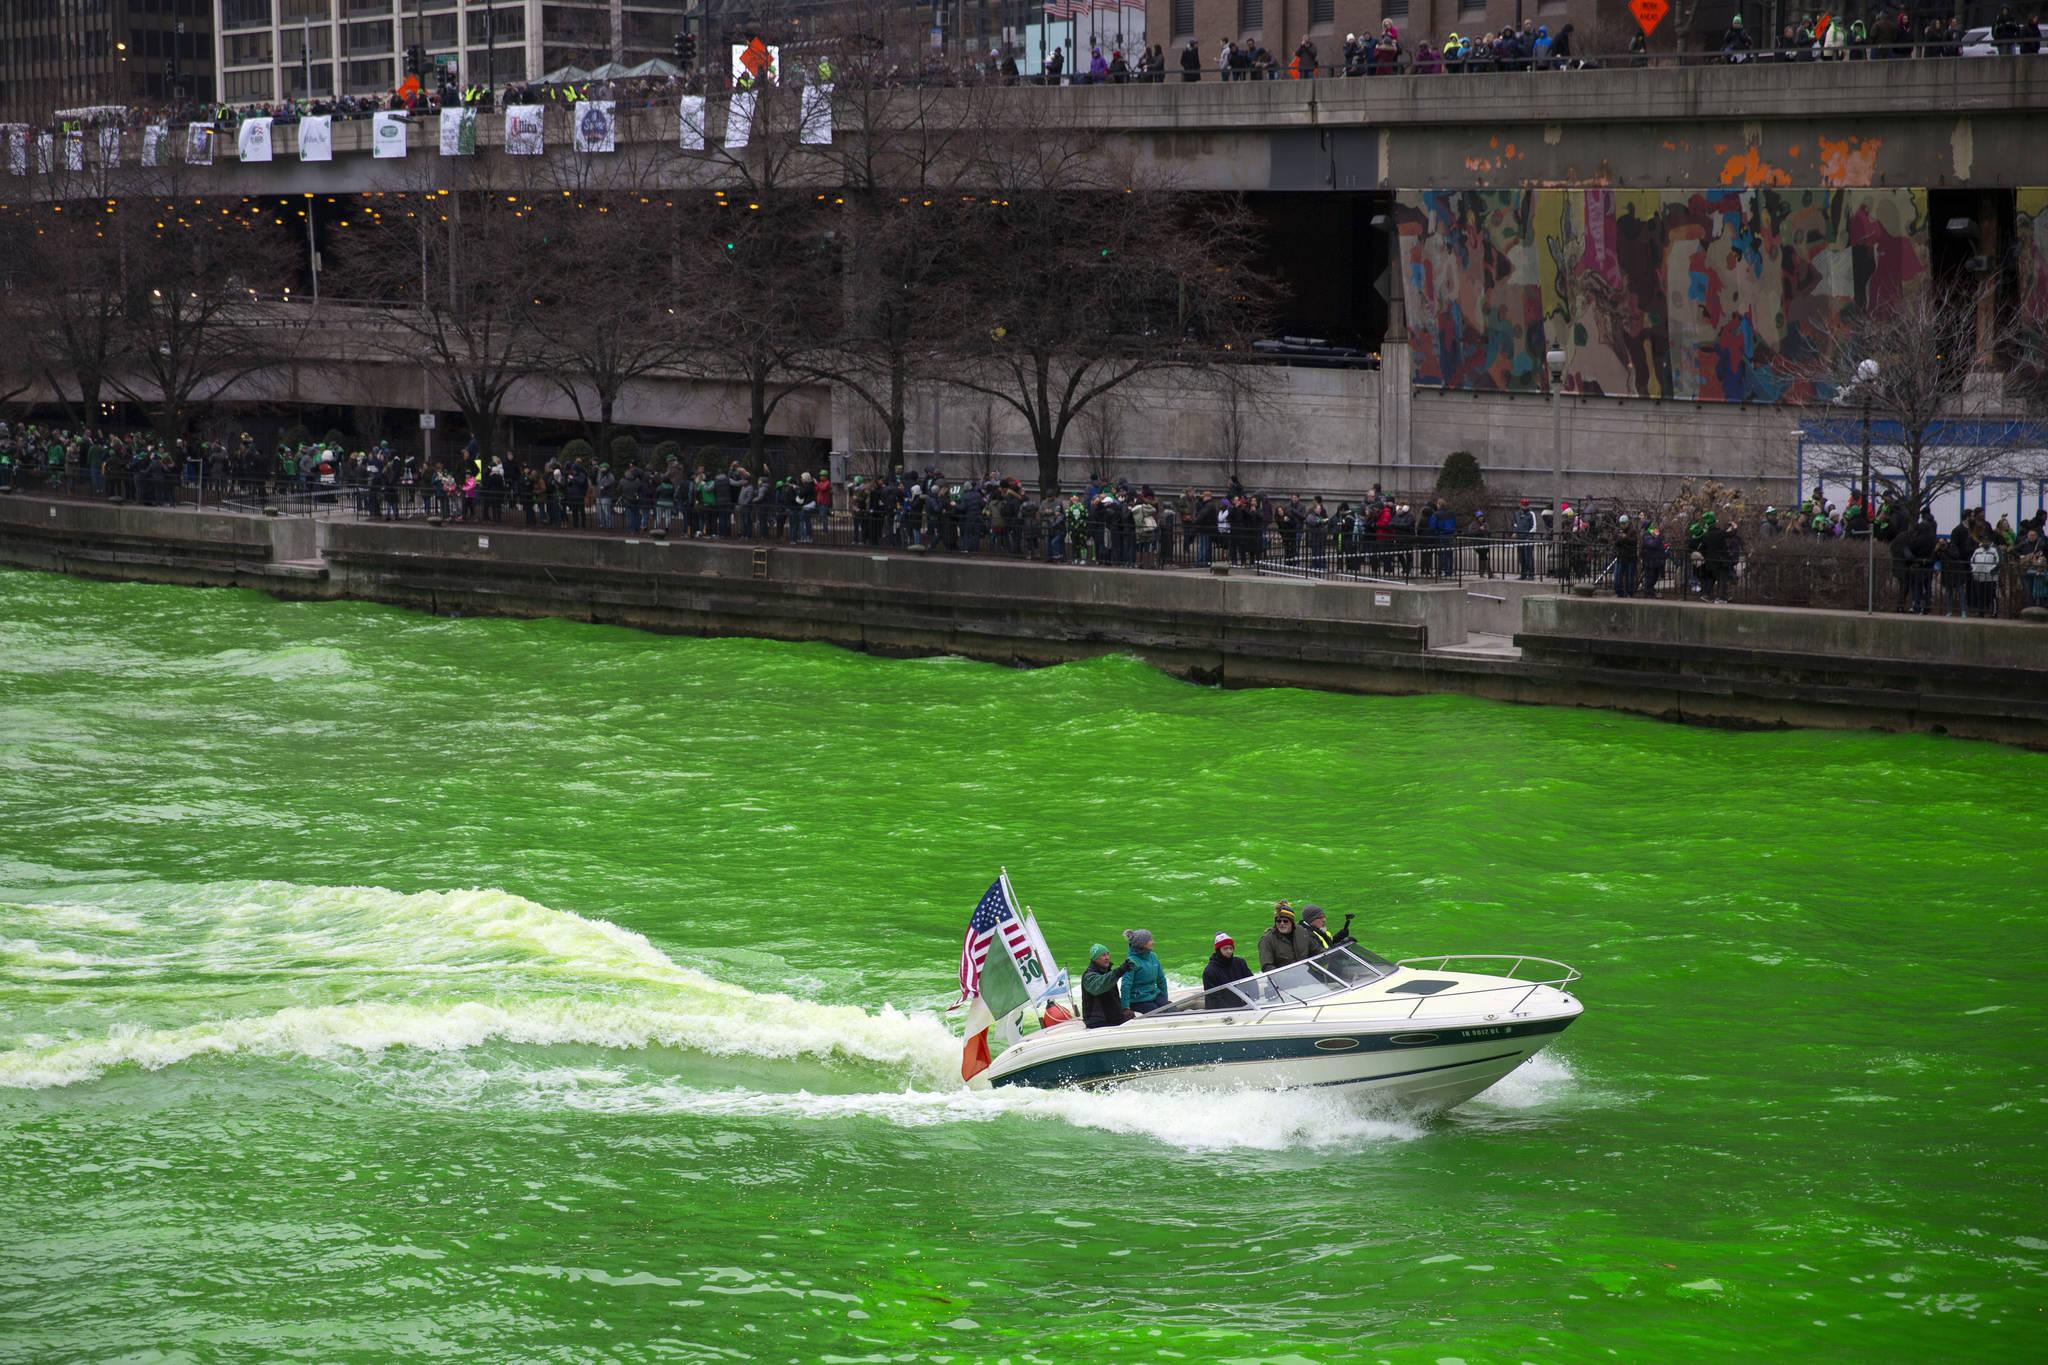 성 패트릭 데이인 17일(현지시간) 미국 시카고강이 녹색으로 물들어 있다. [AP=연합뉴스]